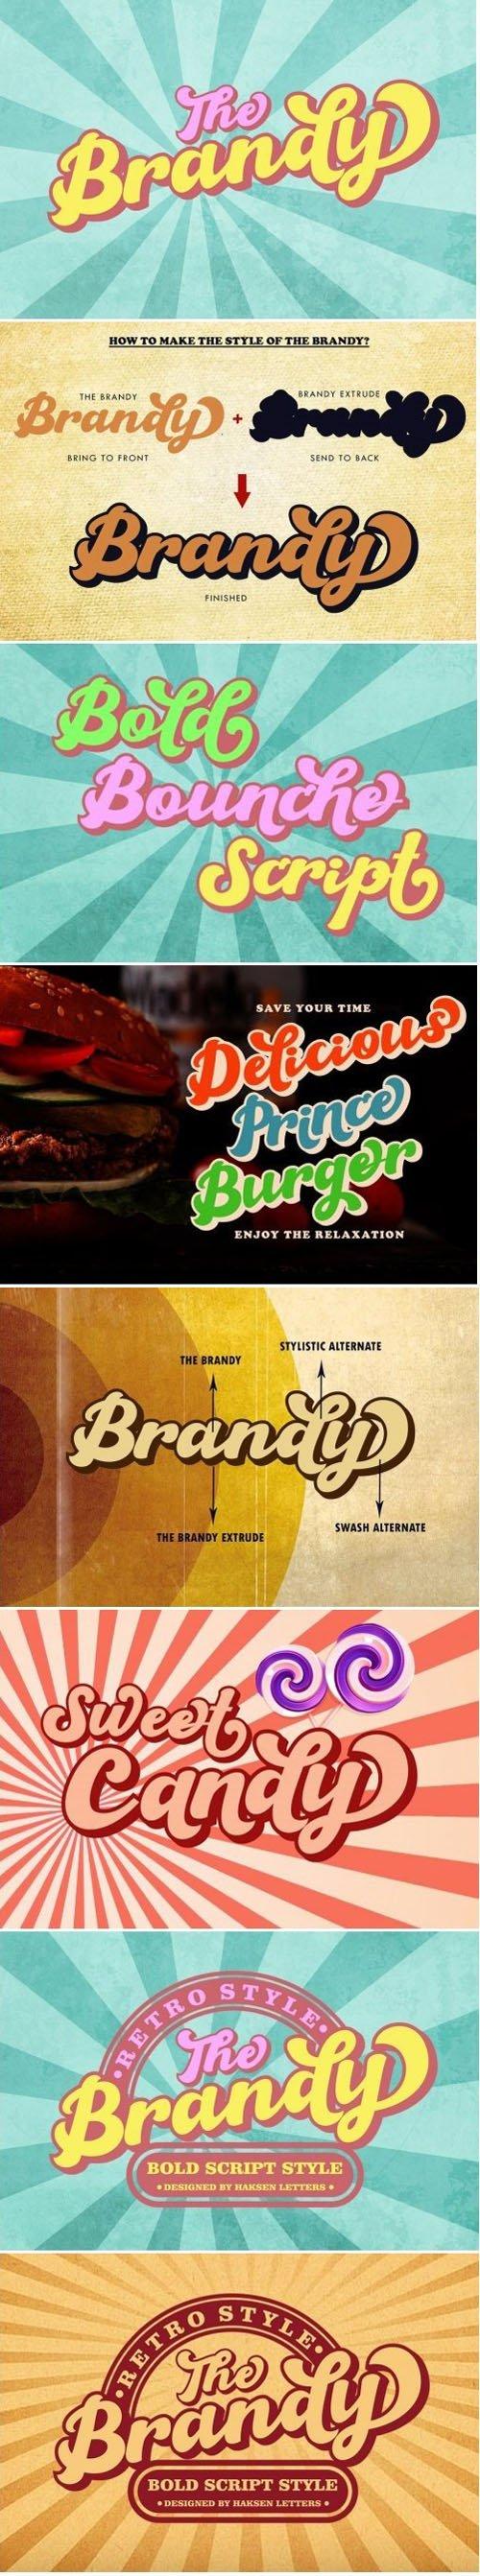 The Brandy Bold Retro Script Font